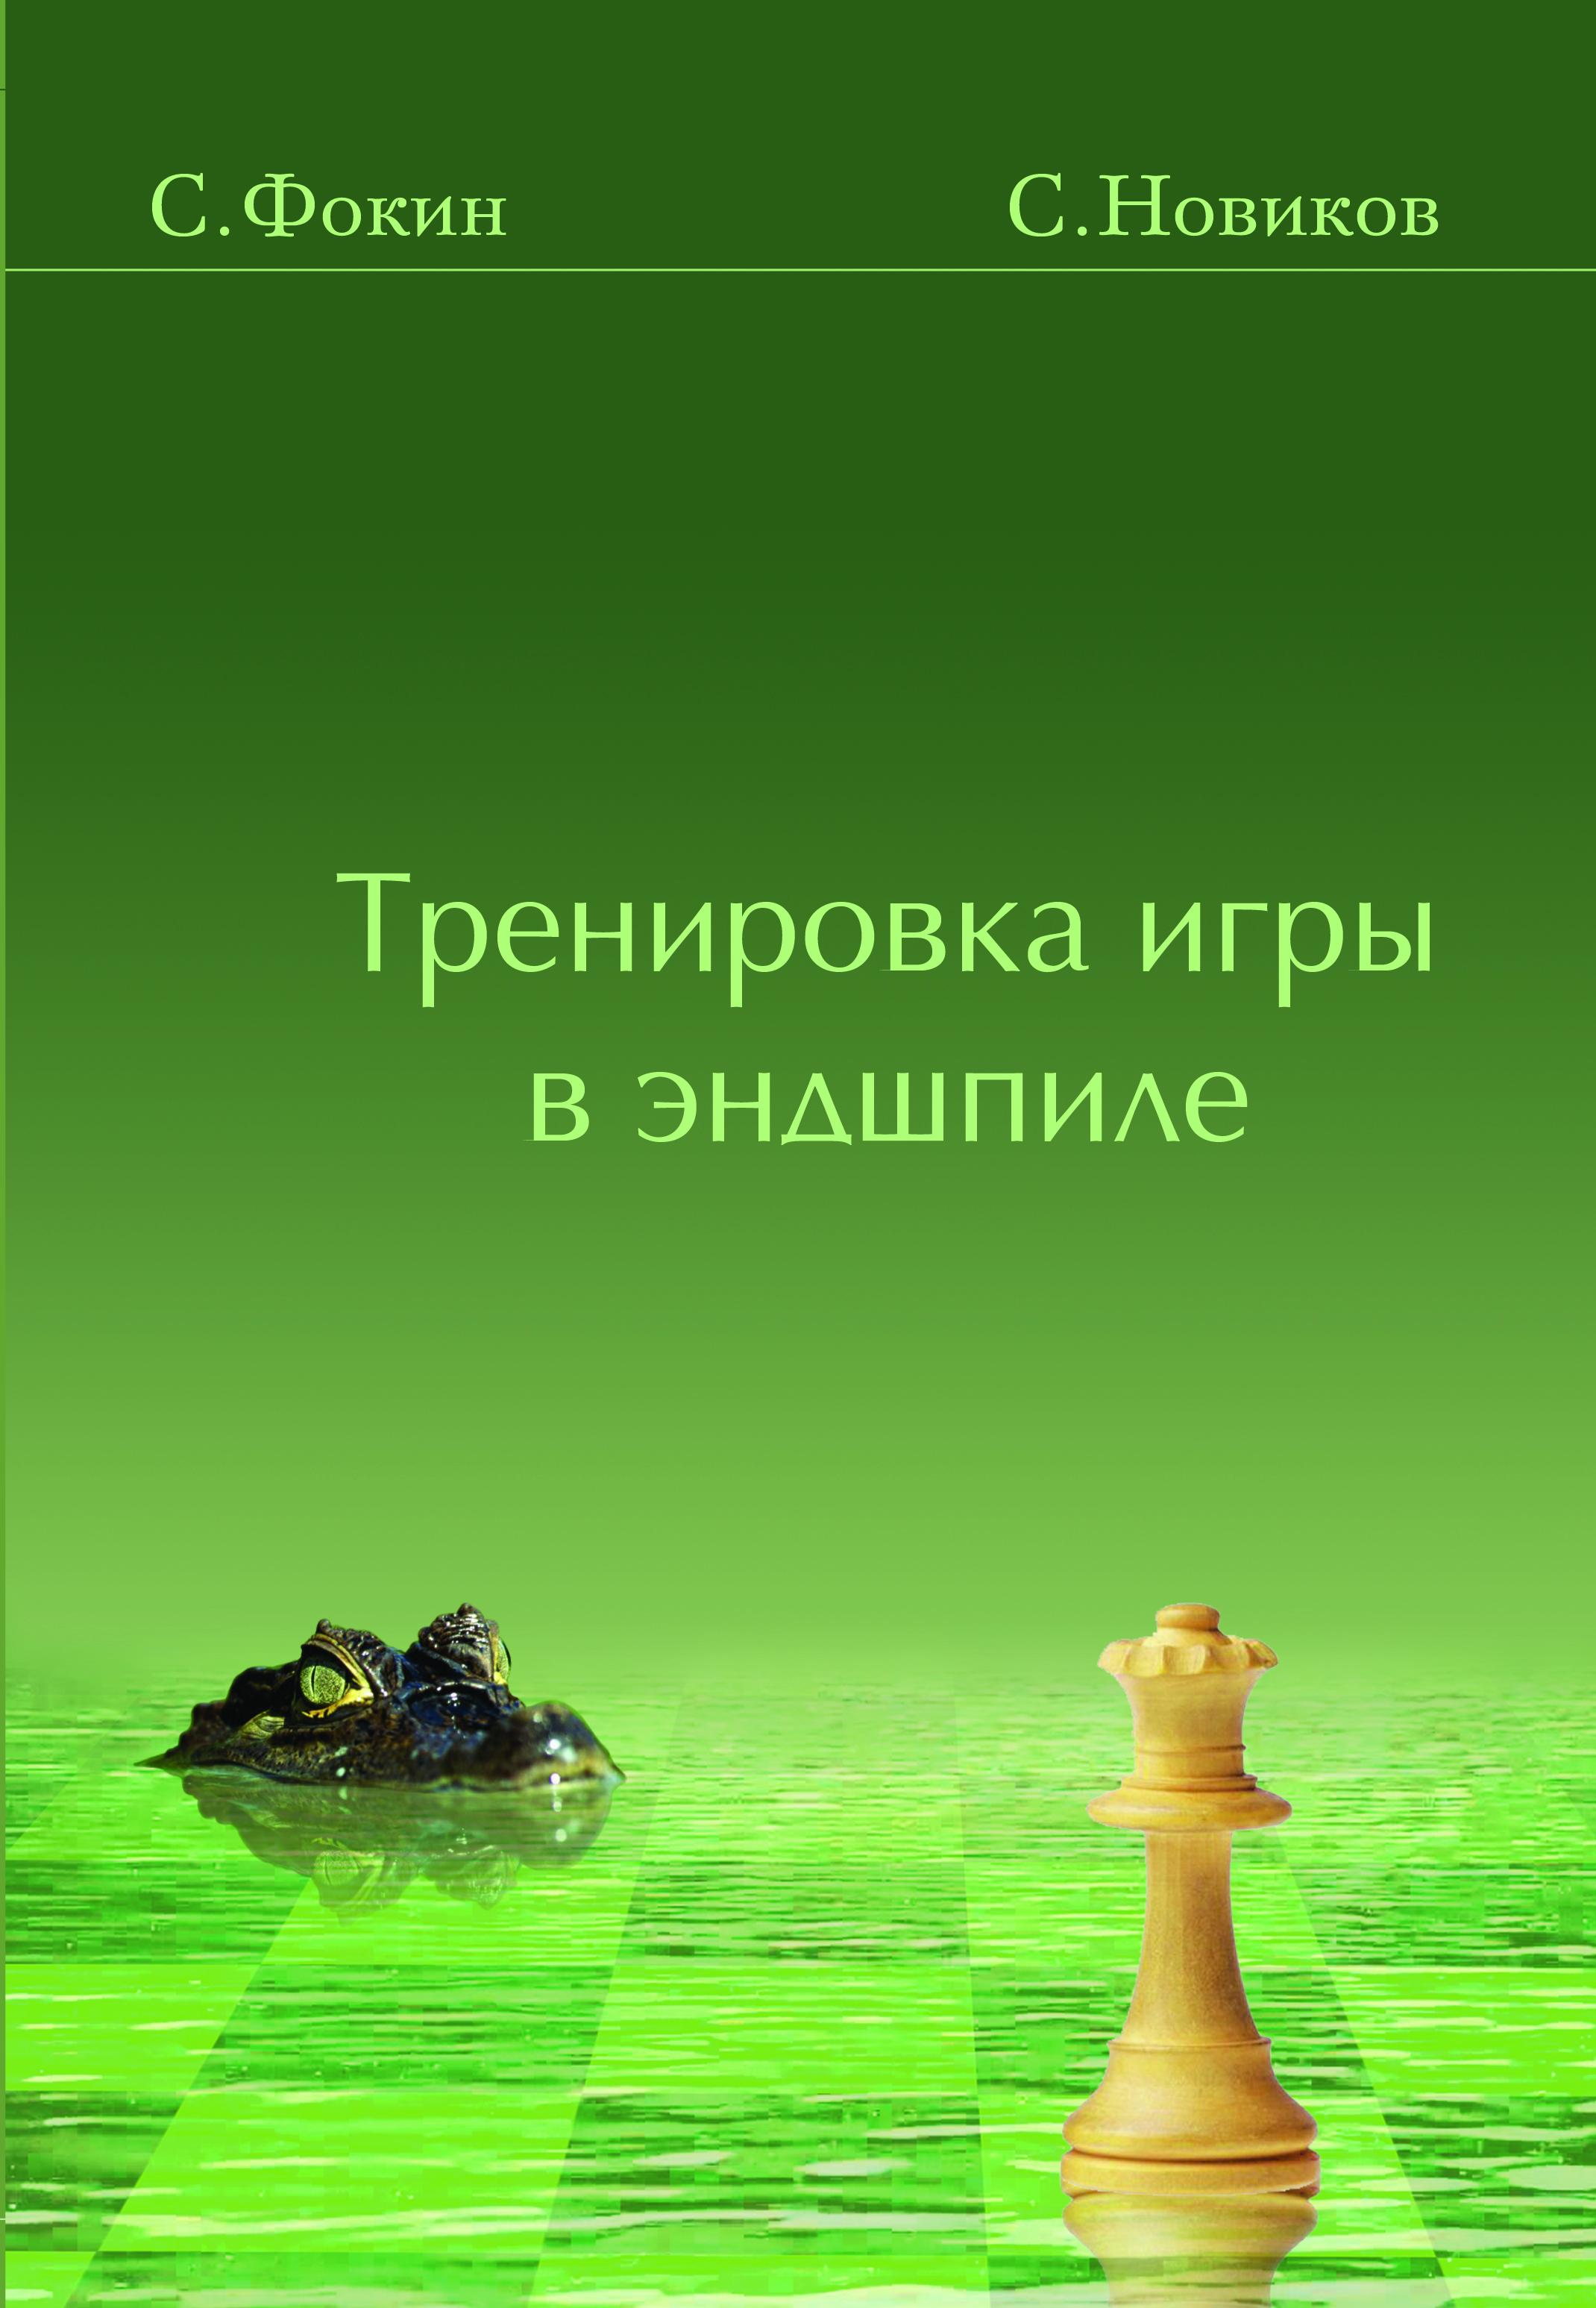 Фокин С., Новиков С. «Тренировка игры в эндшпиле»